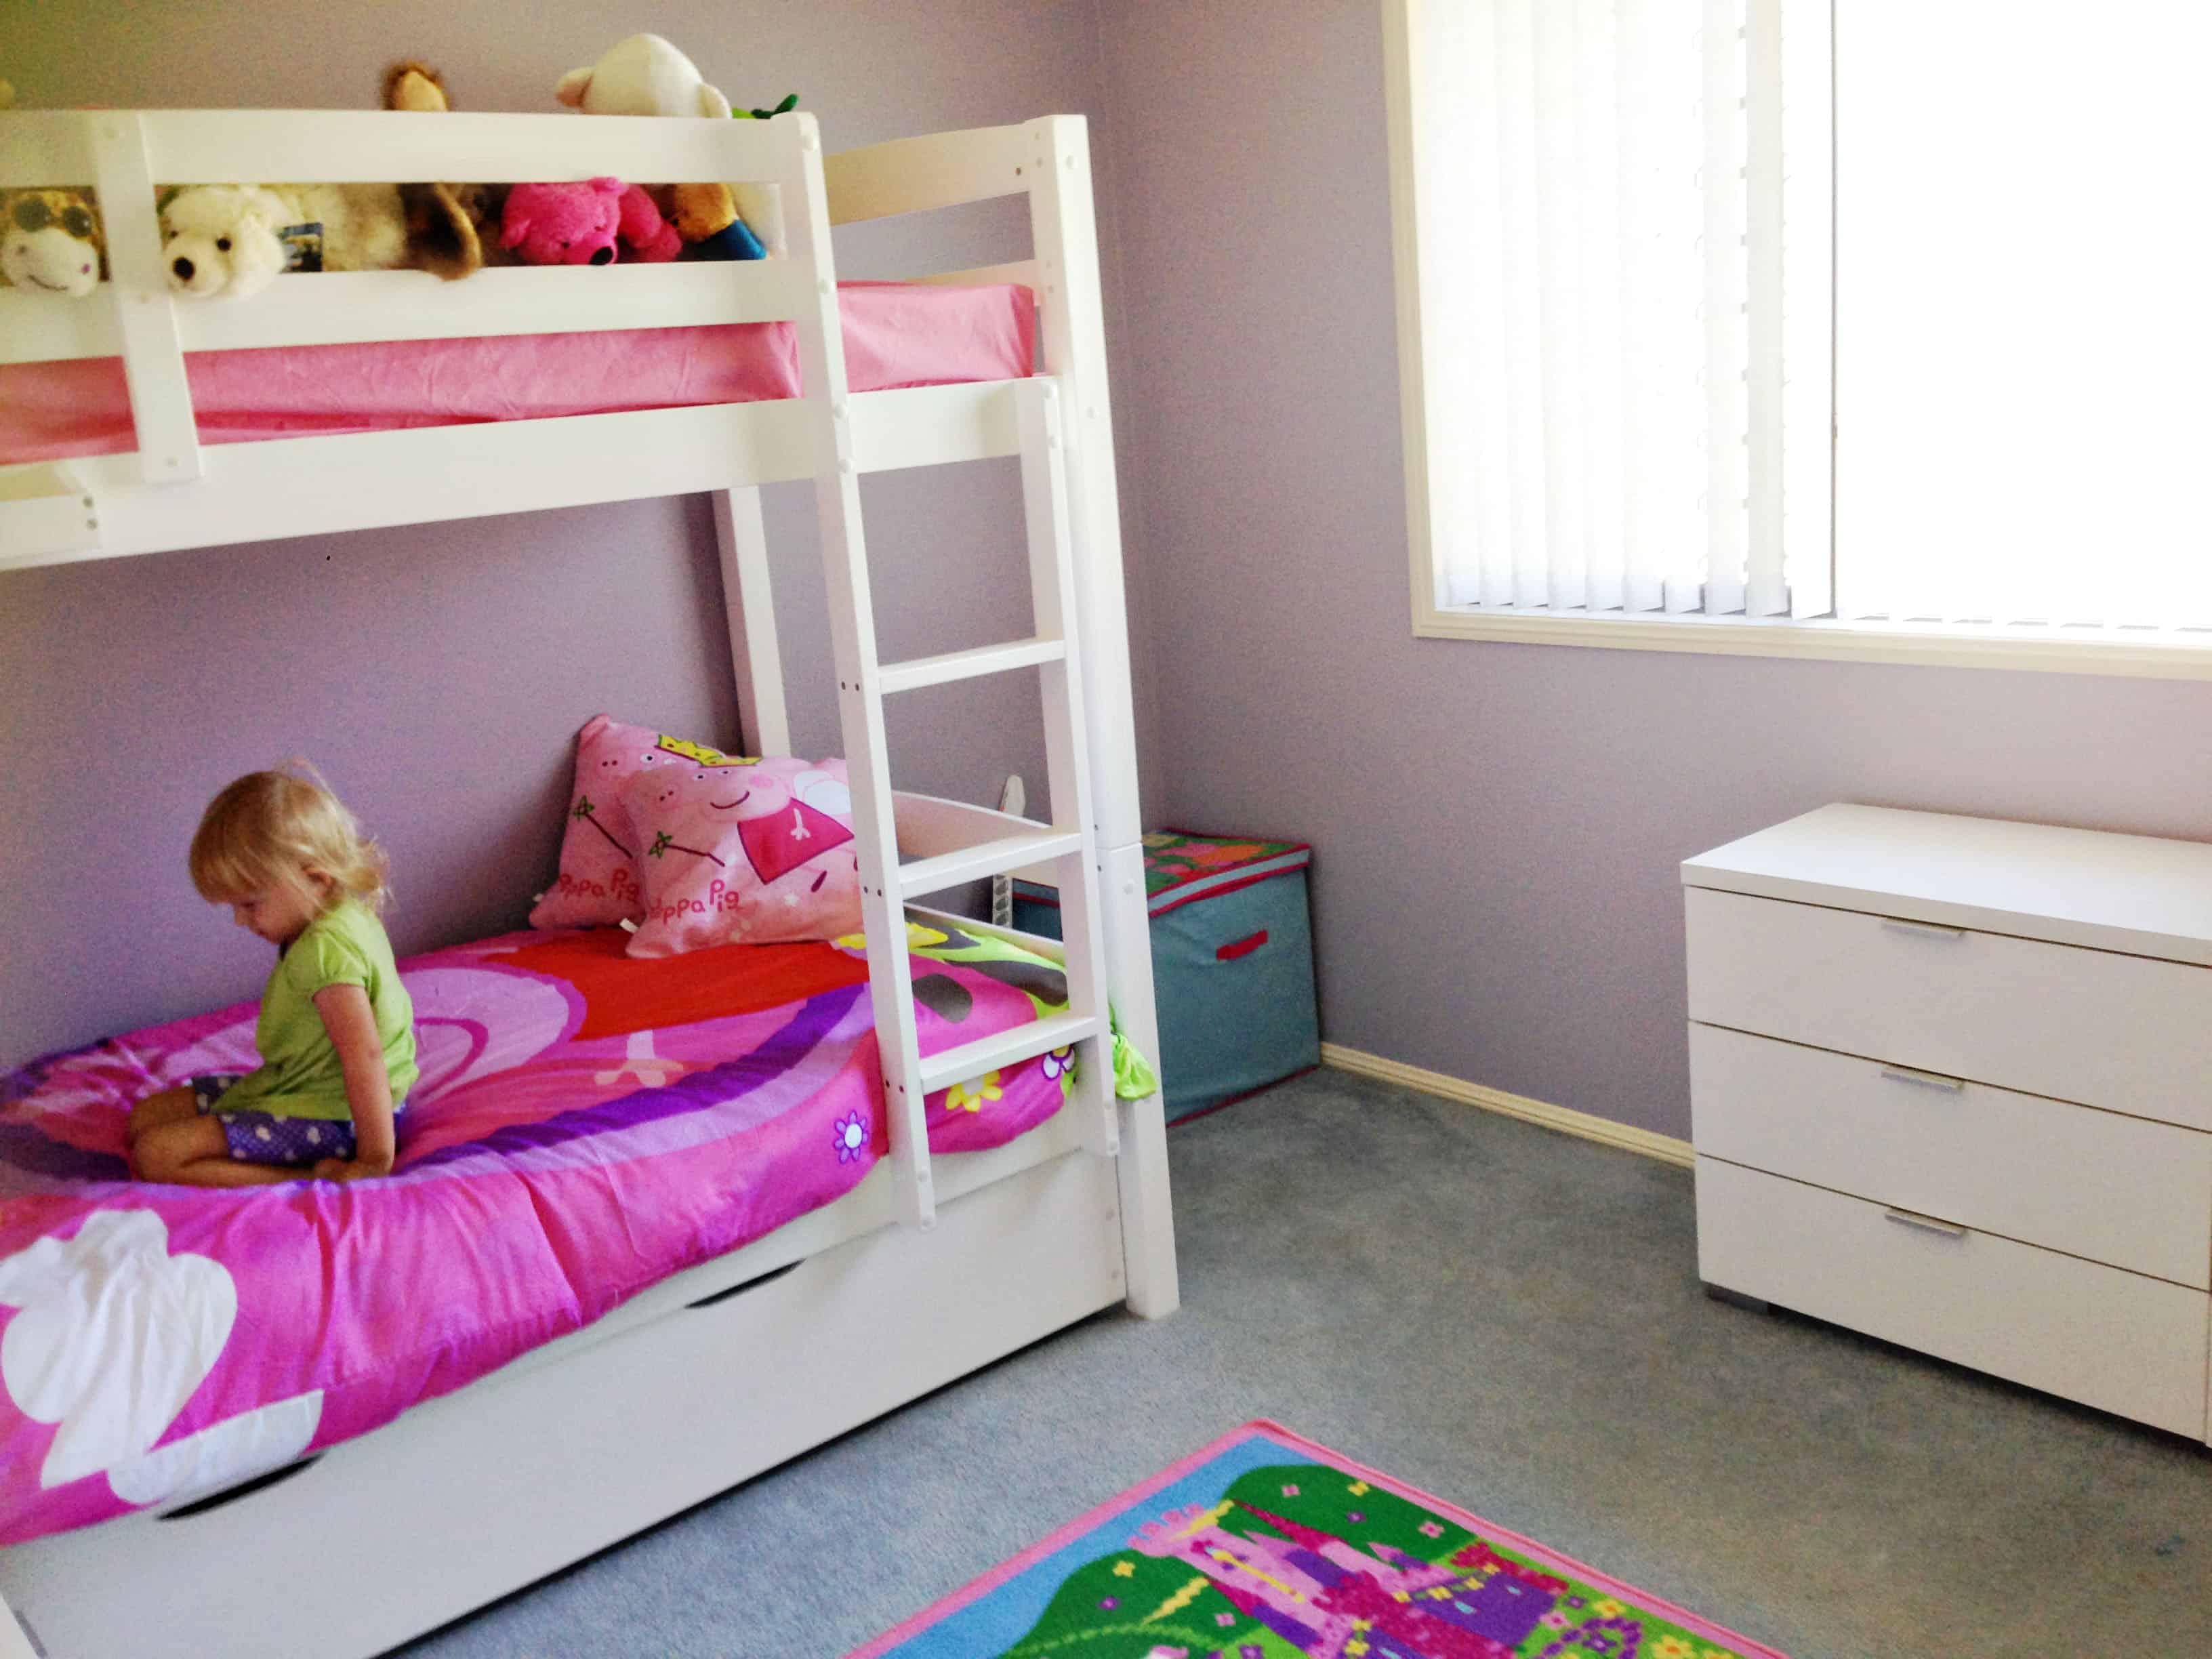 From Junk Room To Beautiful Bedroom The Big Reveal: Kids Bedroom Declutter Update